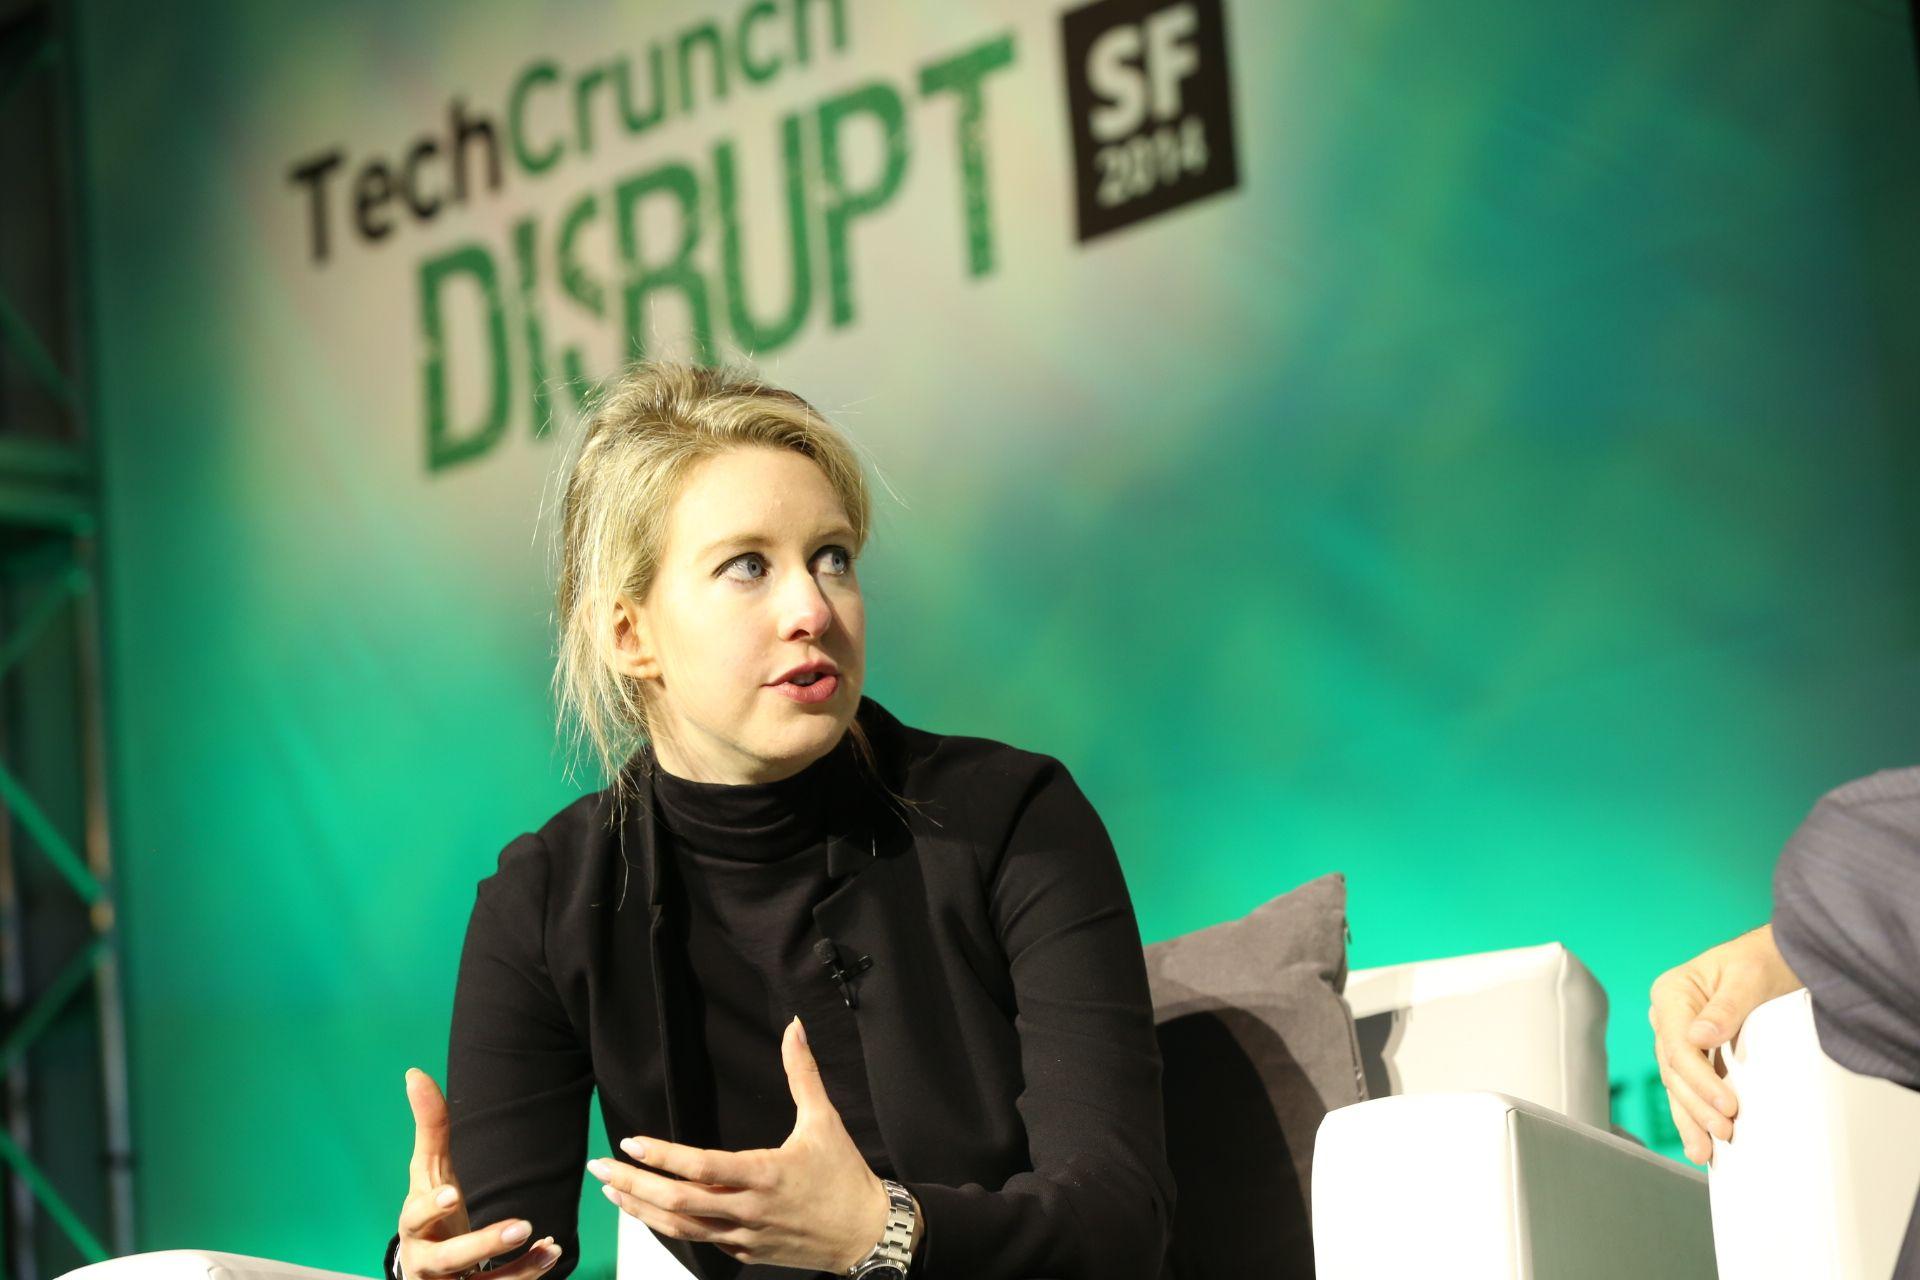 Elizabeth Holmes @ Tech Crunch Disrupt Conference